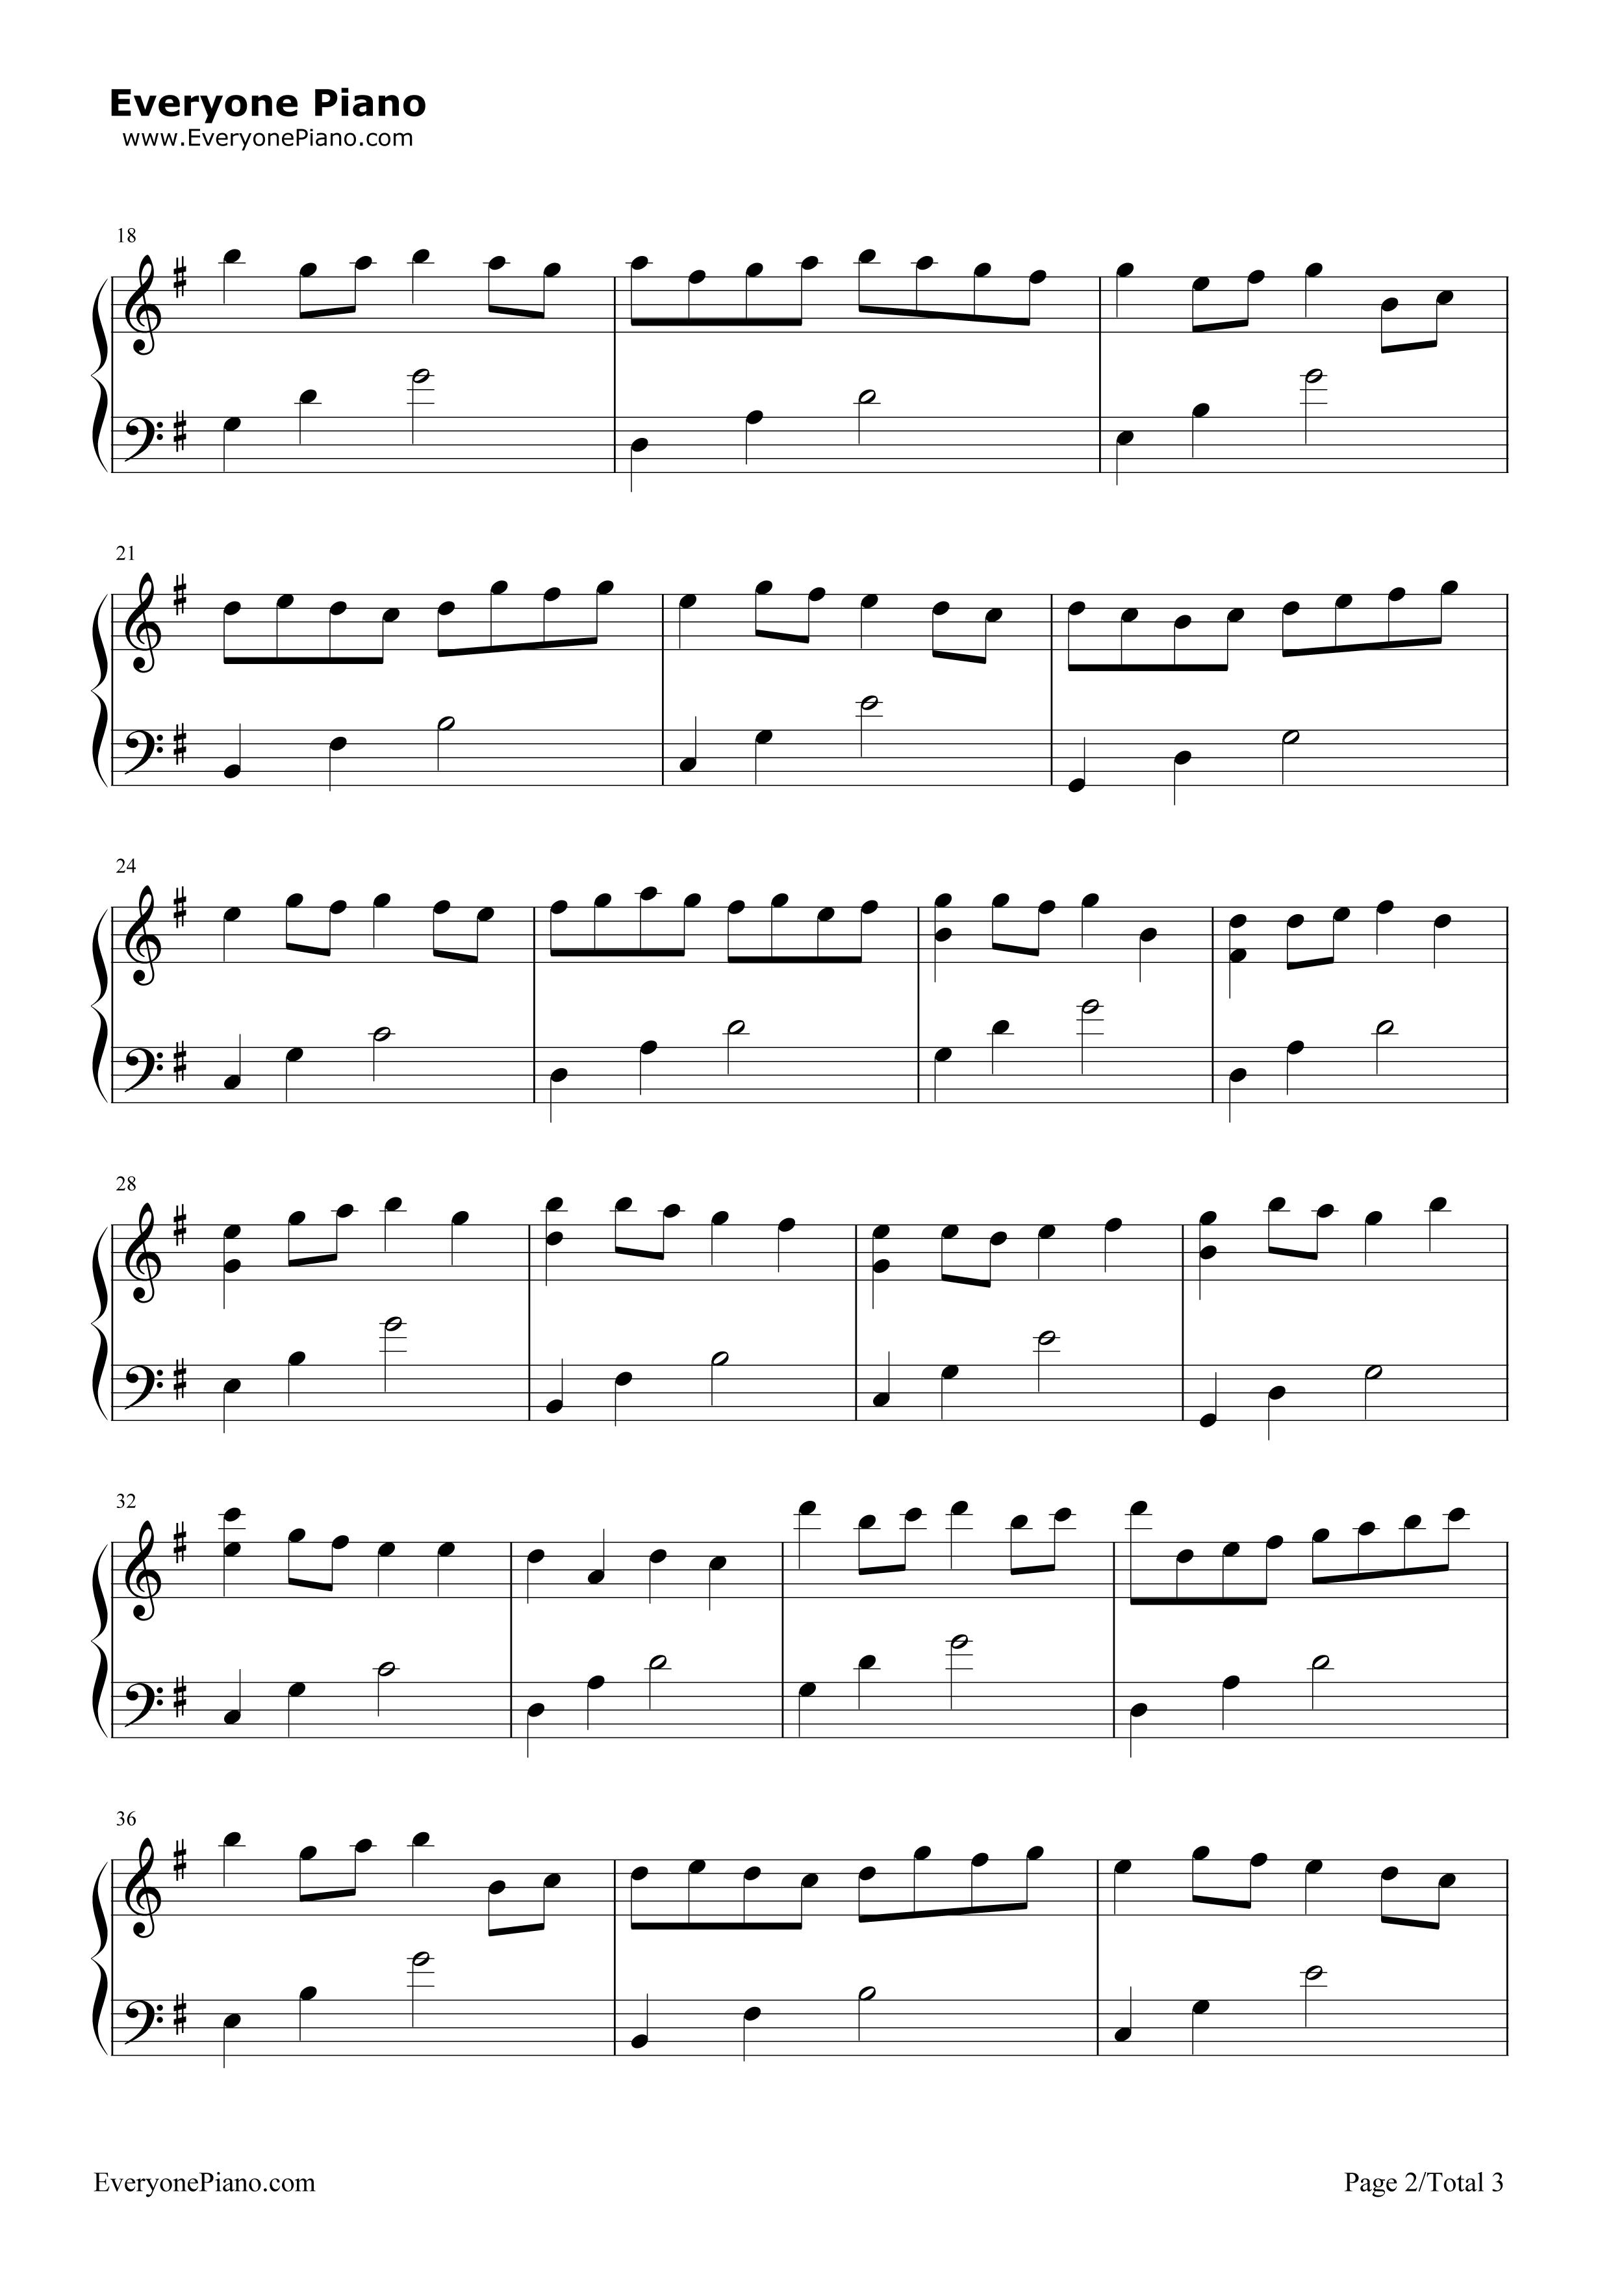 钢琴曲谱 经典 卡农g调简单版-eop教学曲 卡农g调简单版-eop教学曲